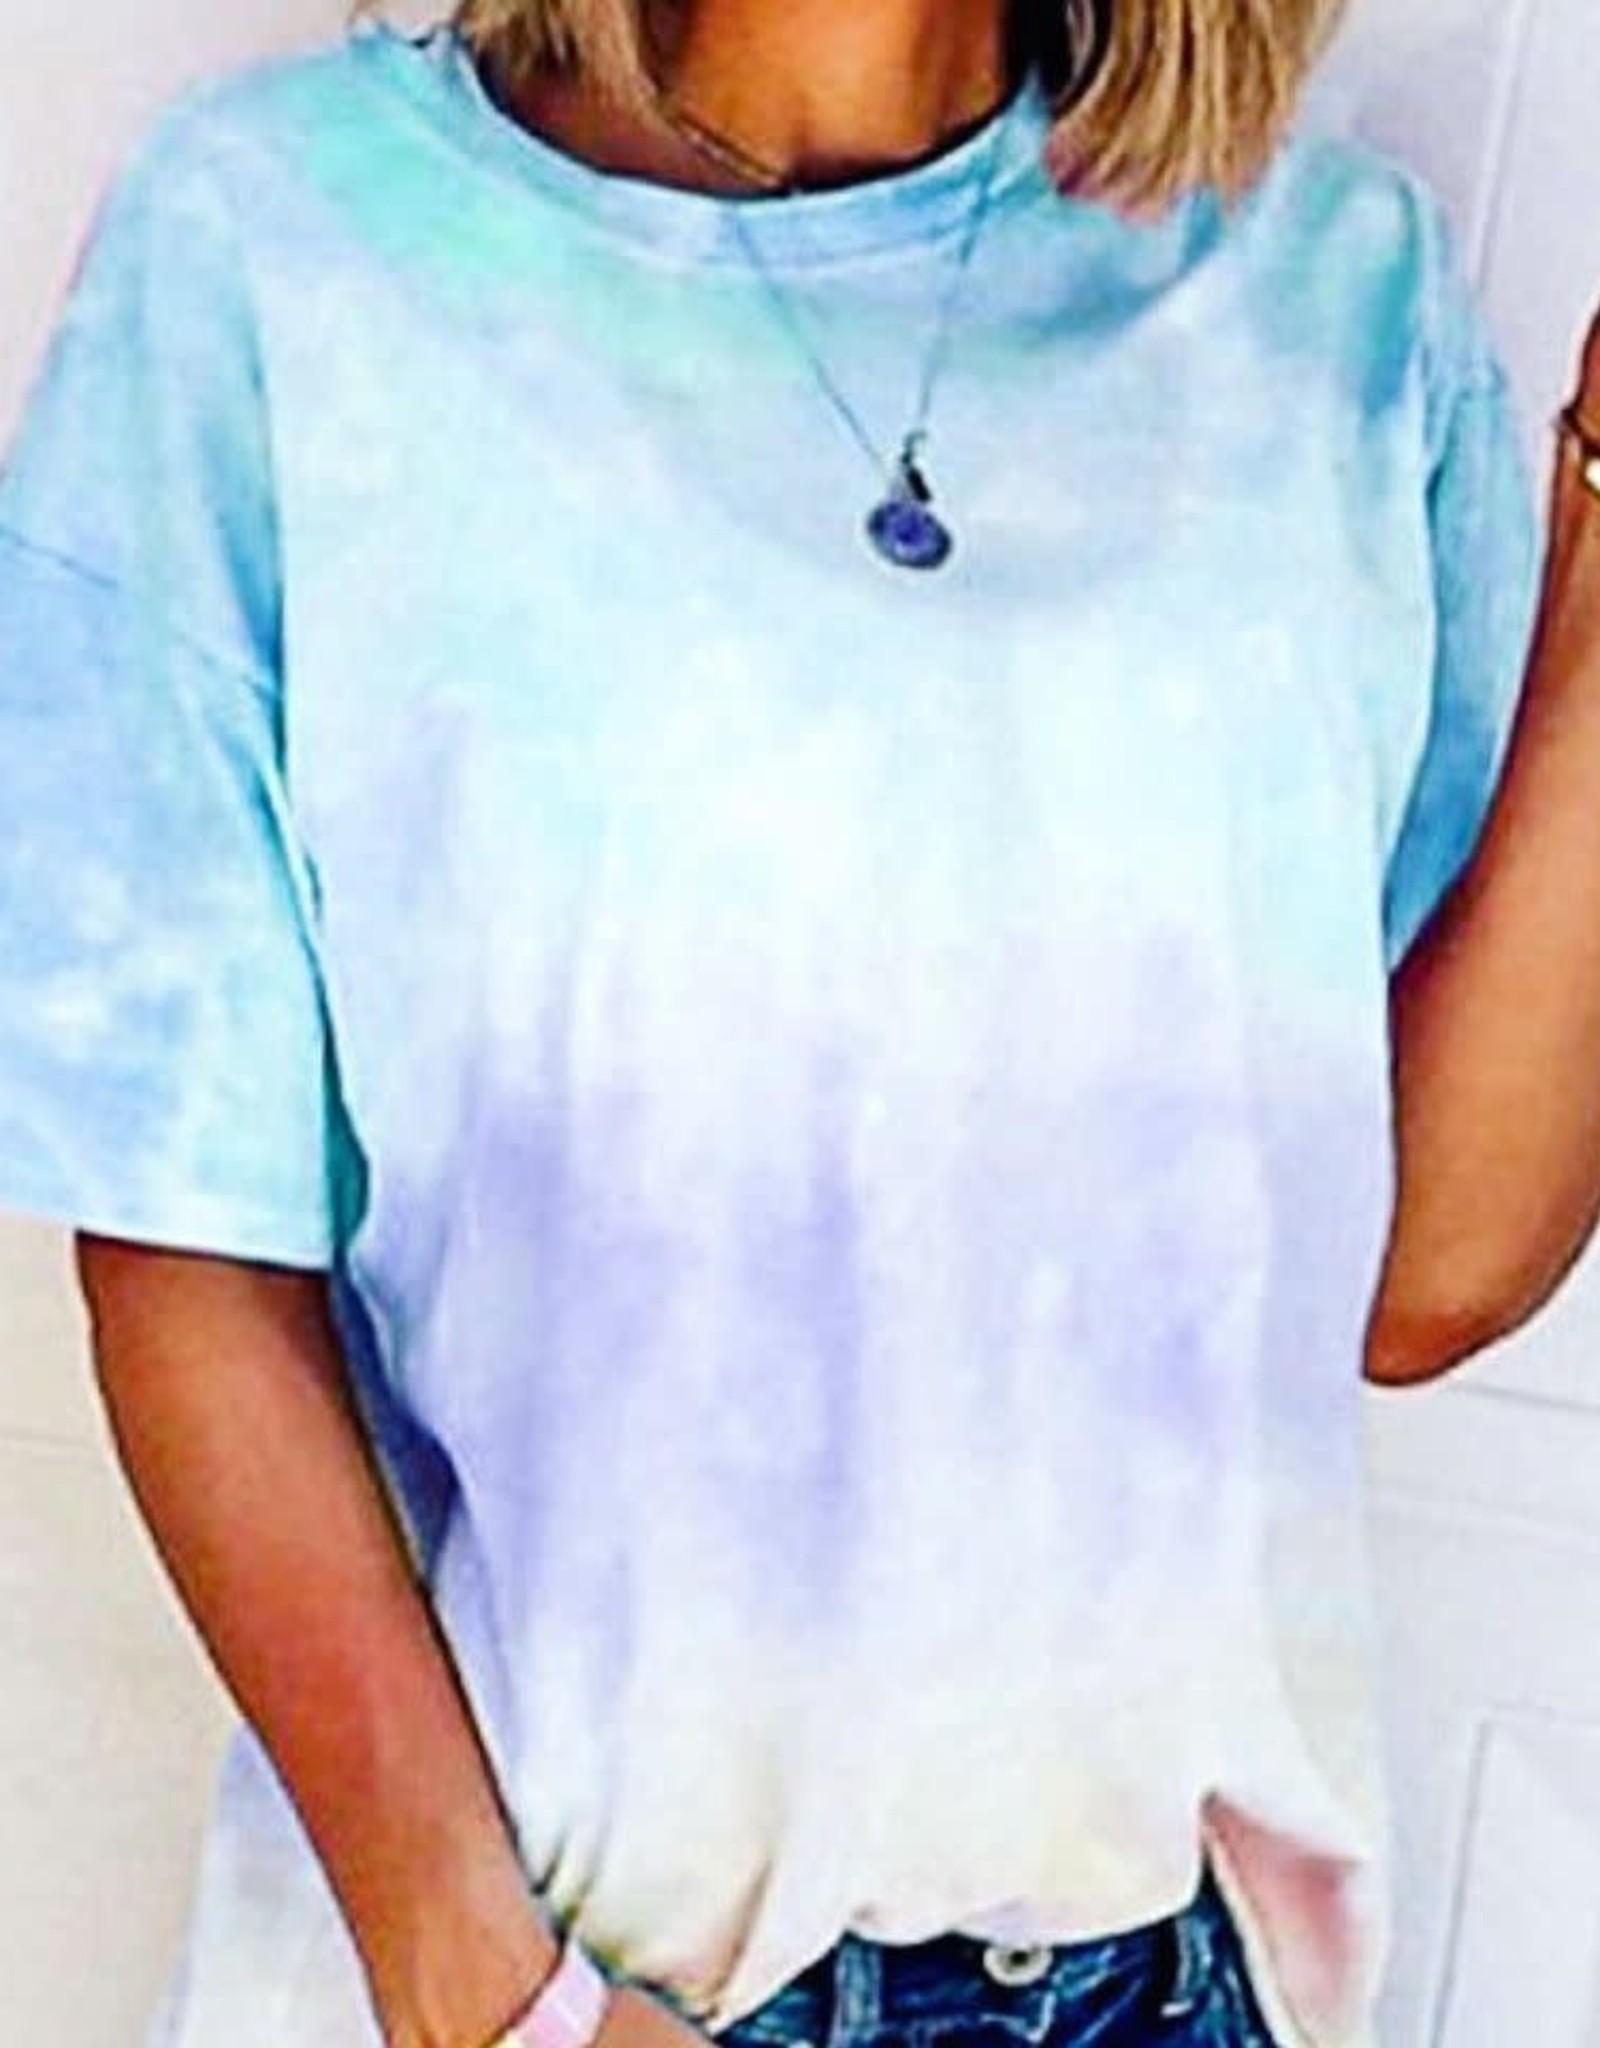 Natalie TieDye Tee in Blue